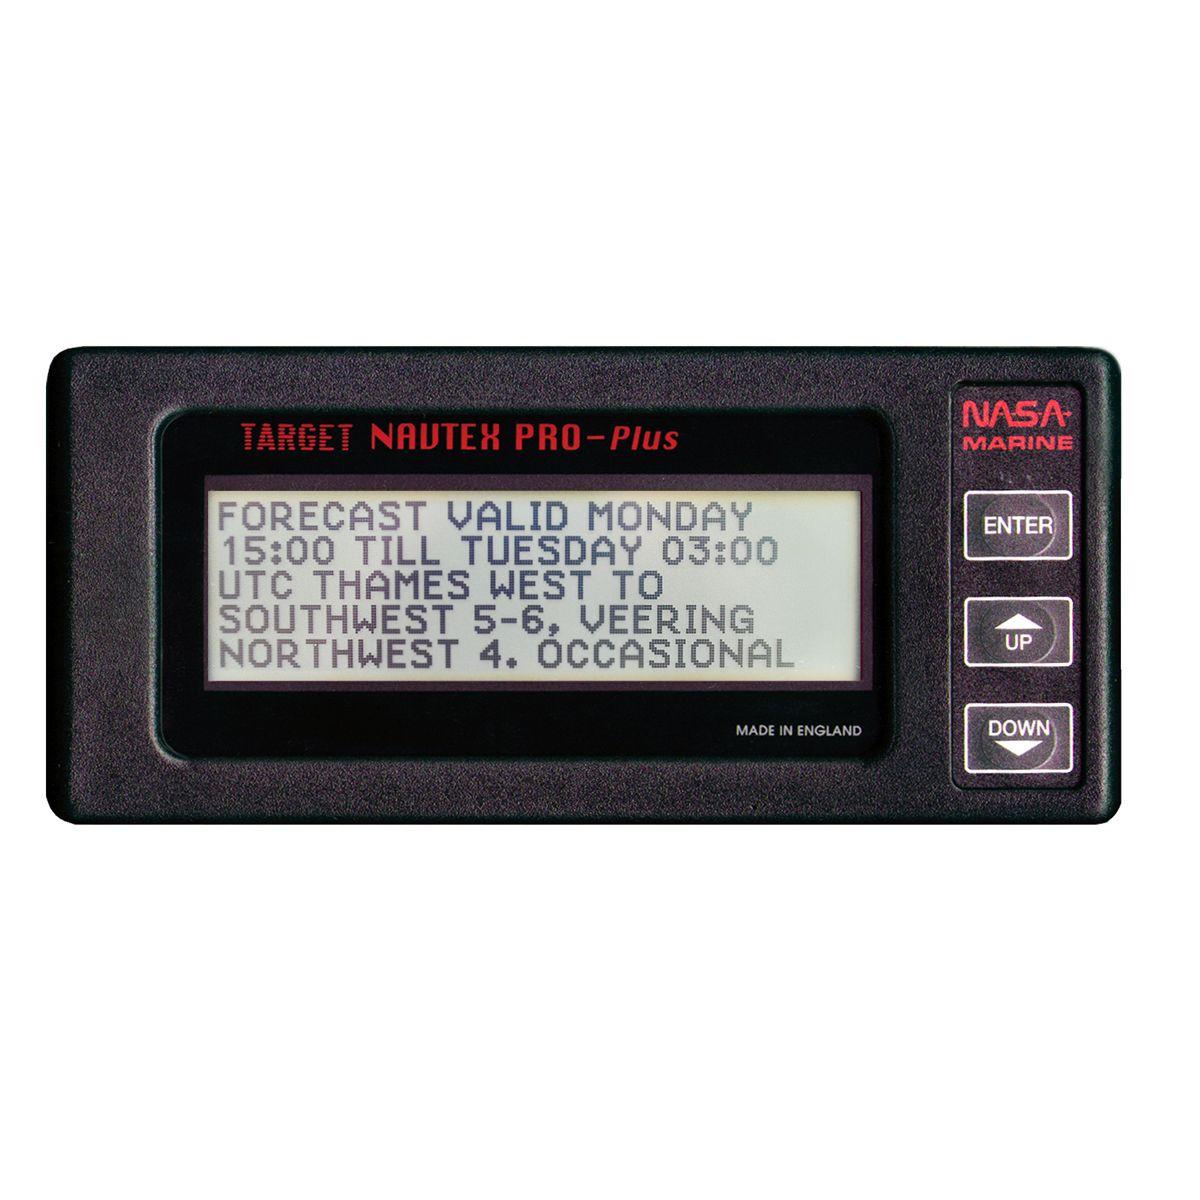 Target Navtex Pro Plus V2 Nasa Marine Instruments 15v Tracking Transmitter